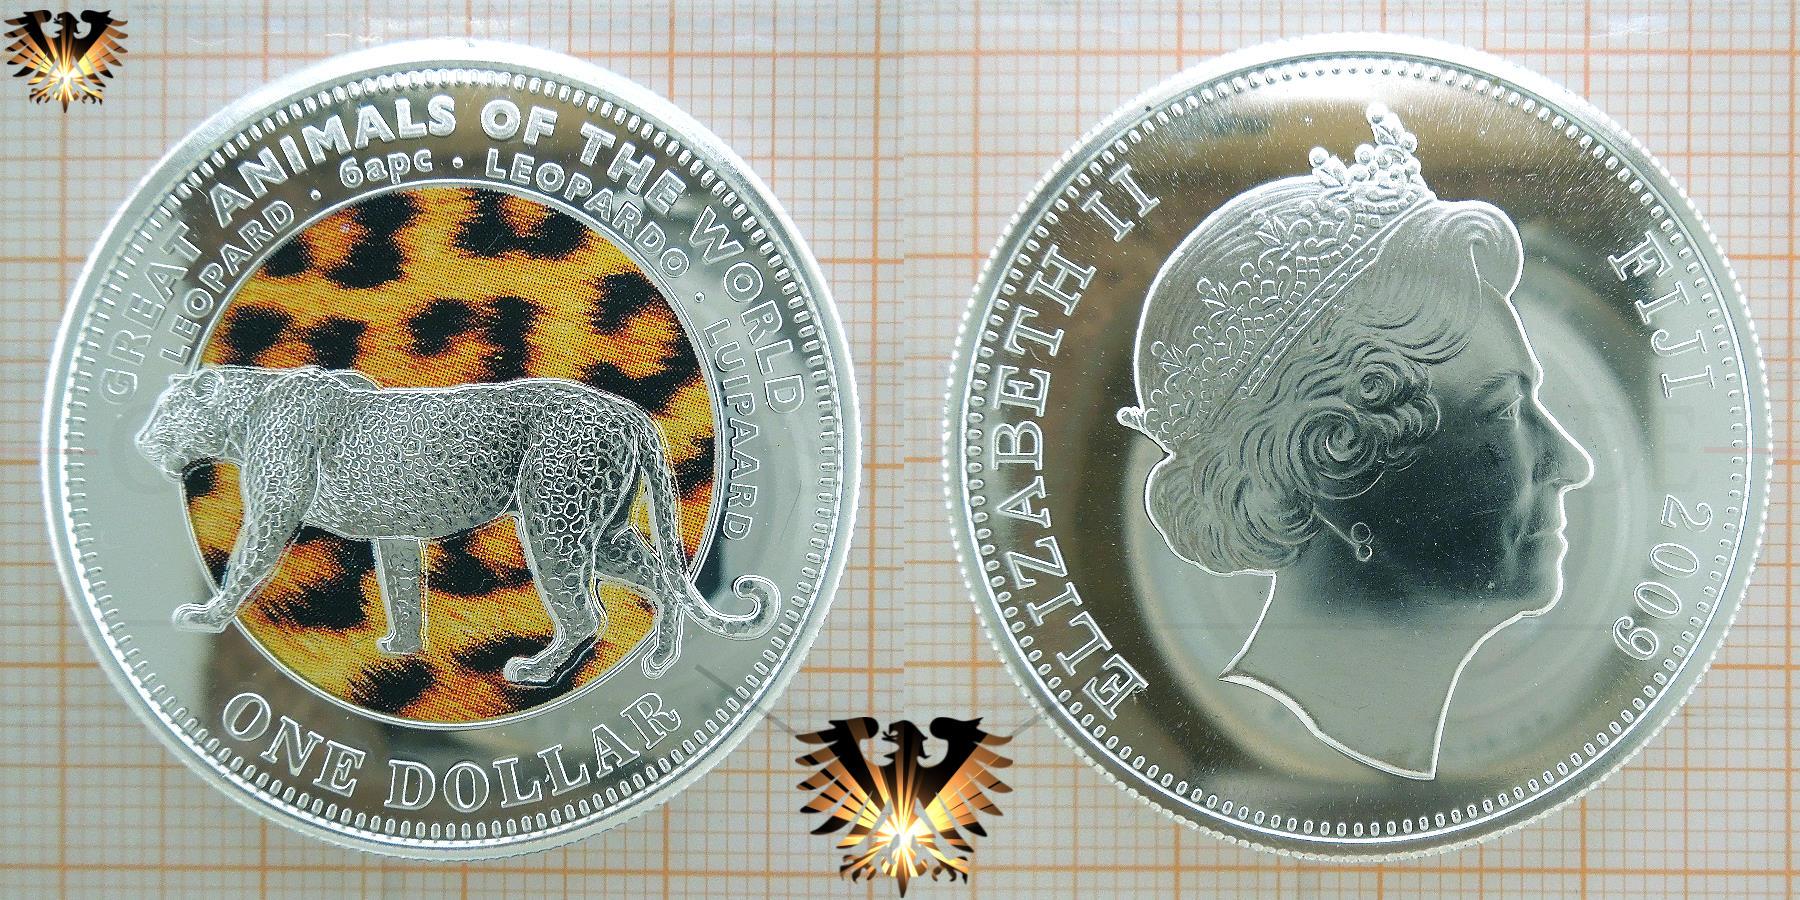 Leopard Motivmünze, Fidschi, 1 Dollar von 2009, farbige Leopardenmünze. © goldankaufstelle-bayern.de